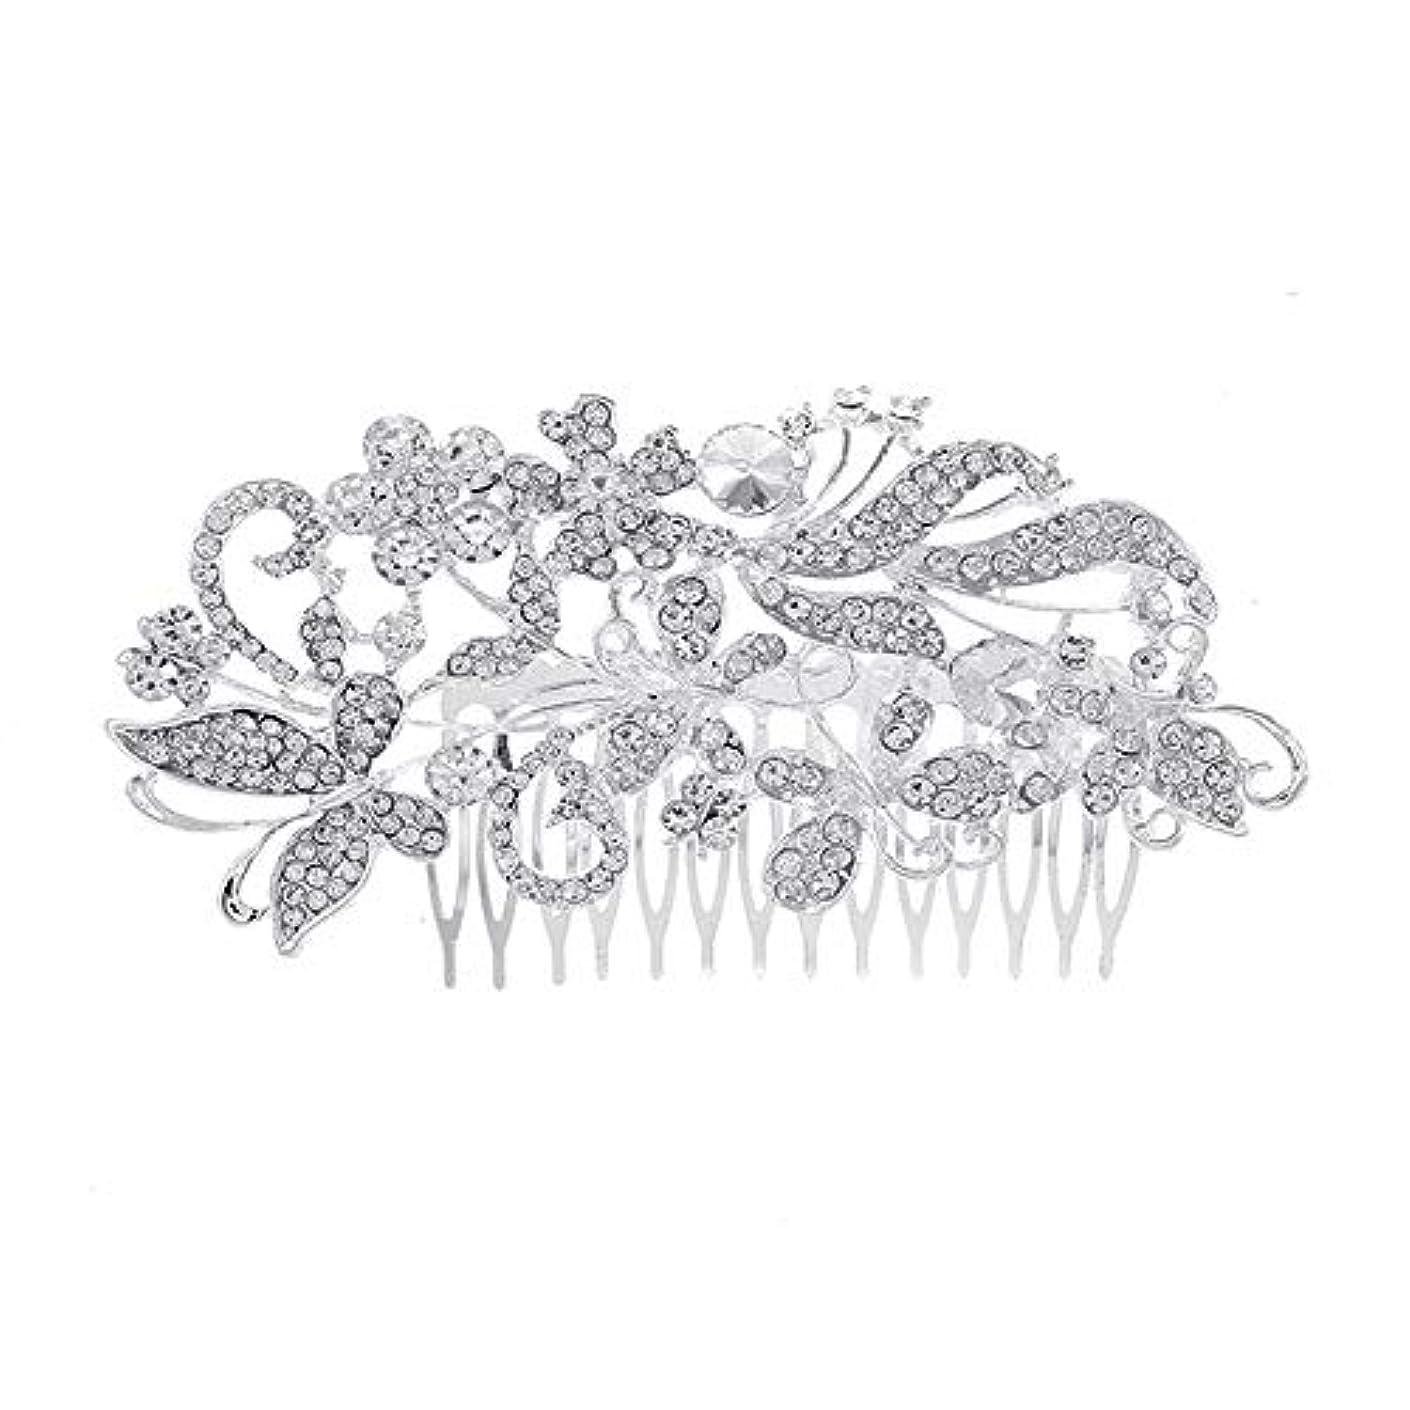 定義するソビエト一髪の櫛、櫛、花嫁の髪の櫛、亜鉛合金、結婚式のアクセサリー、櫛